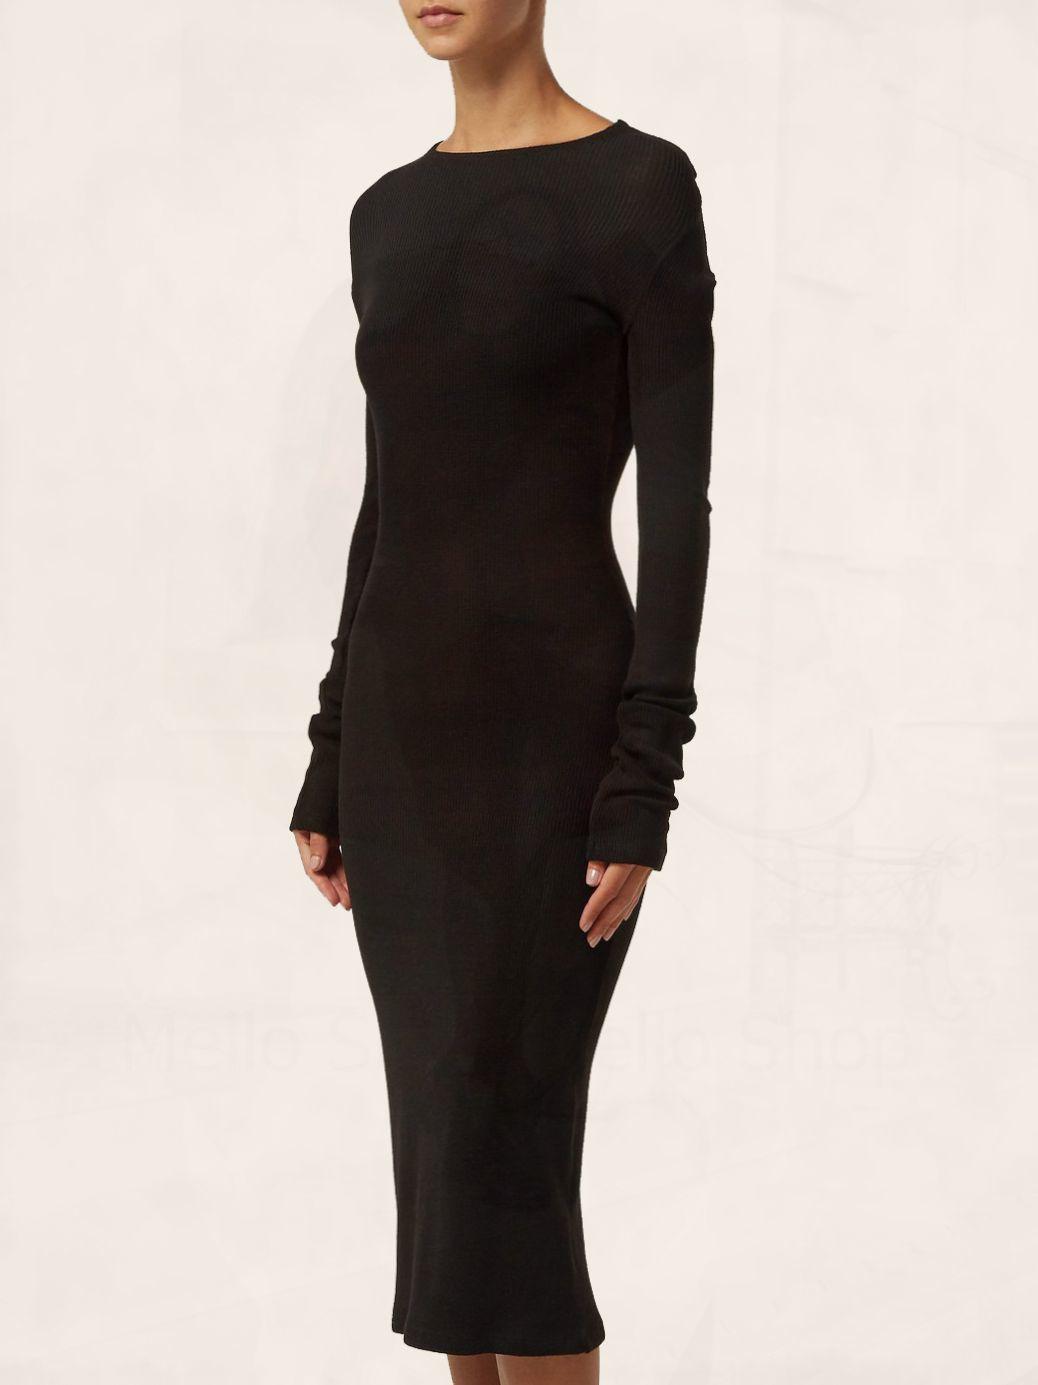 Платья ручной работы. Ярмарка Мастеров - ручная работа. Купить Красивое вечернее платье. Подходит и для работы и для вечеринки. Handmade. Платье